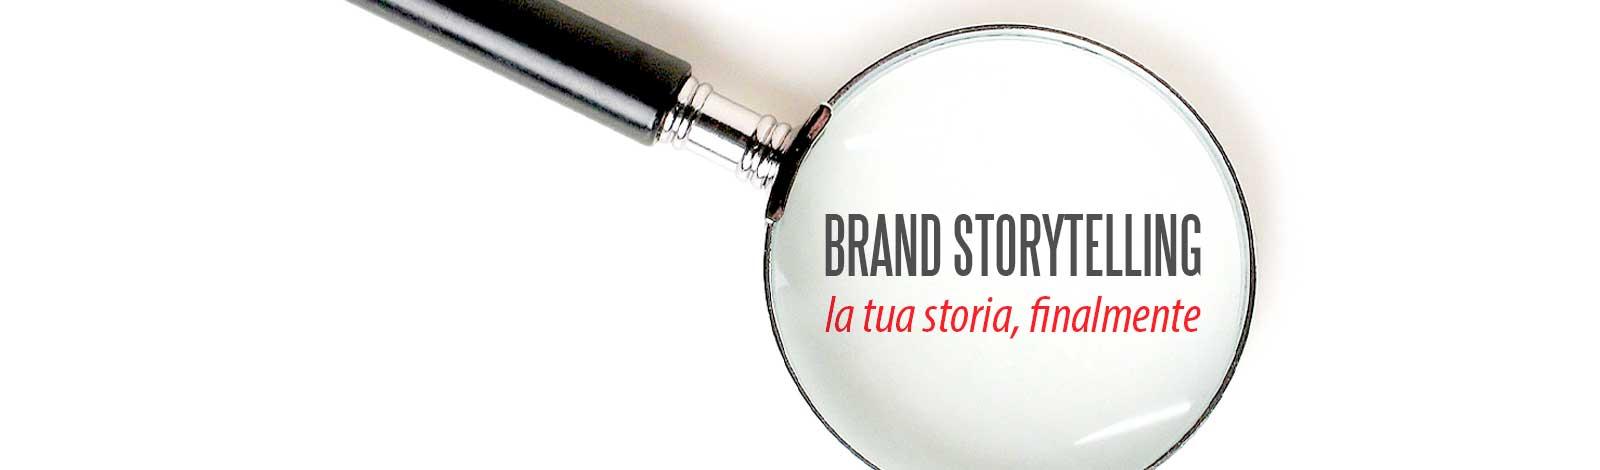 Storyteller, brand storytelling, storytelling